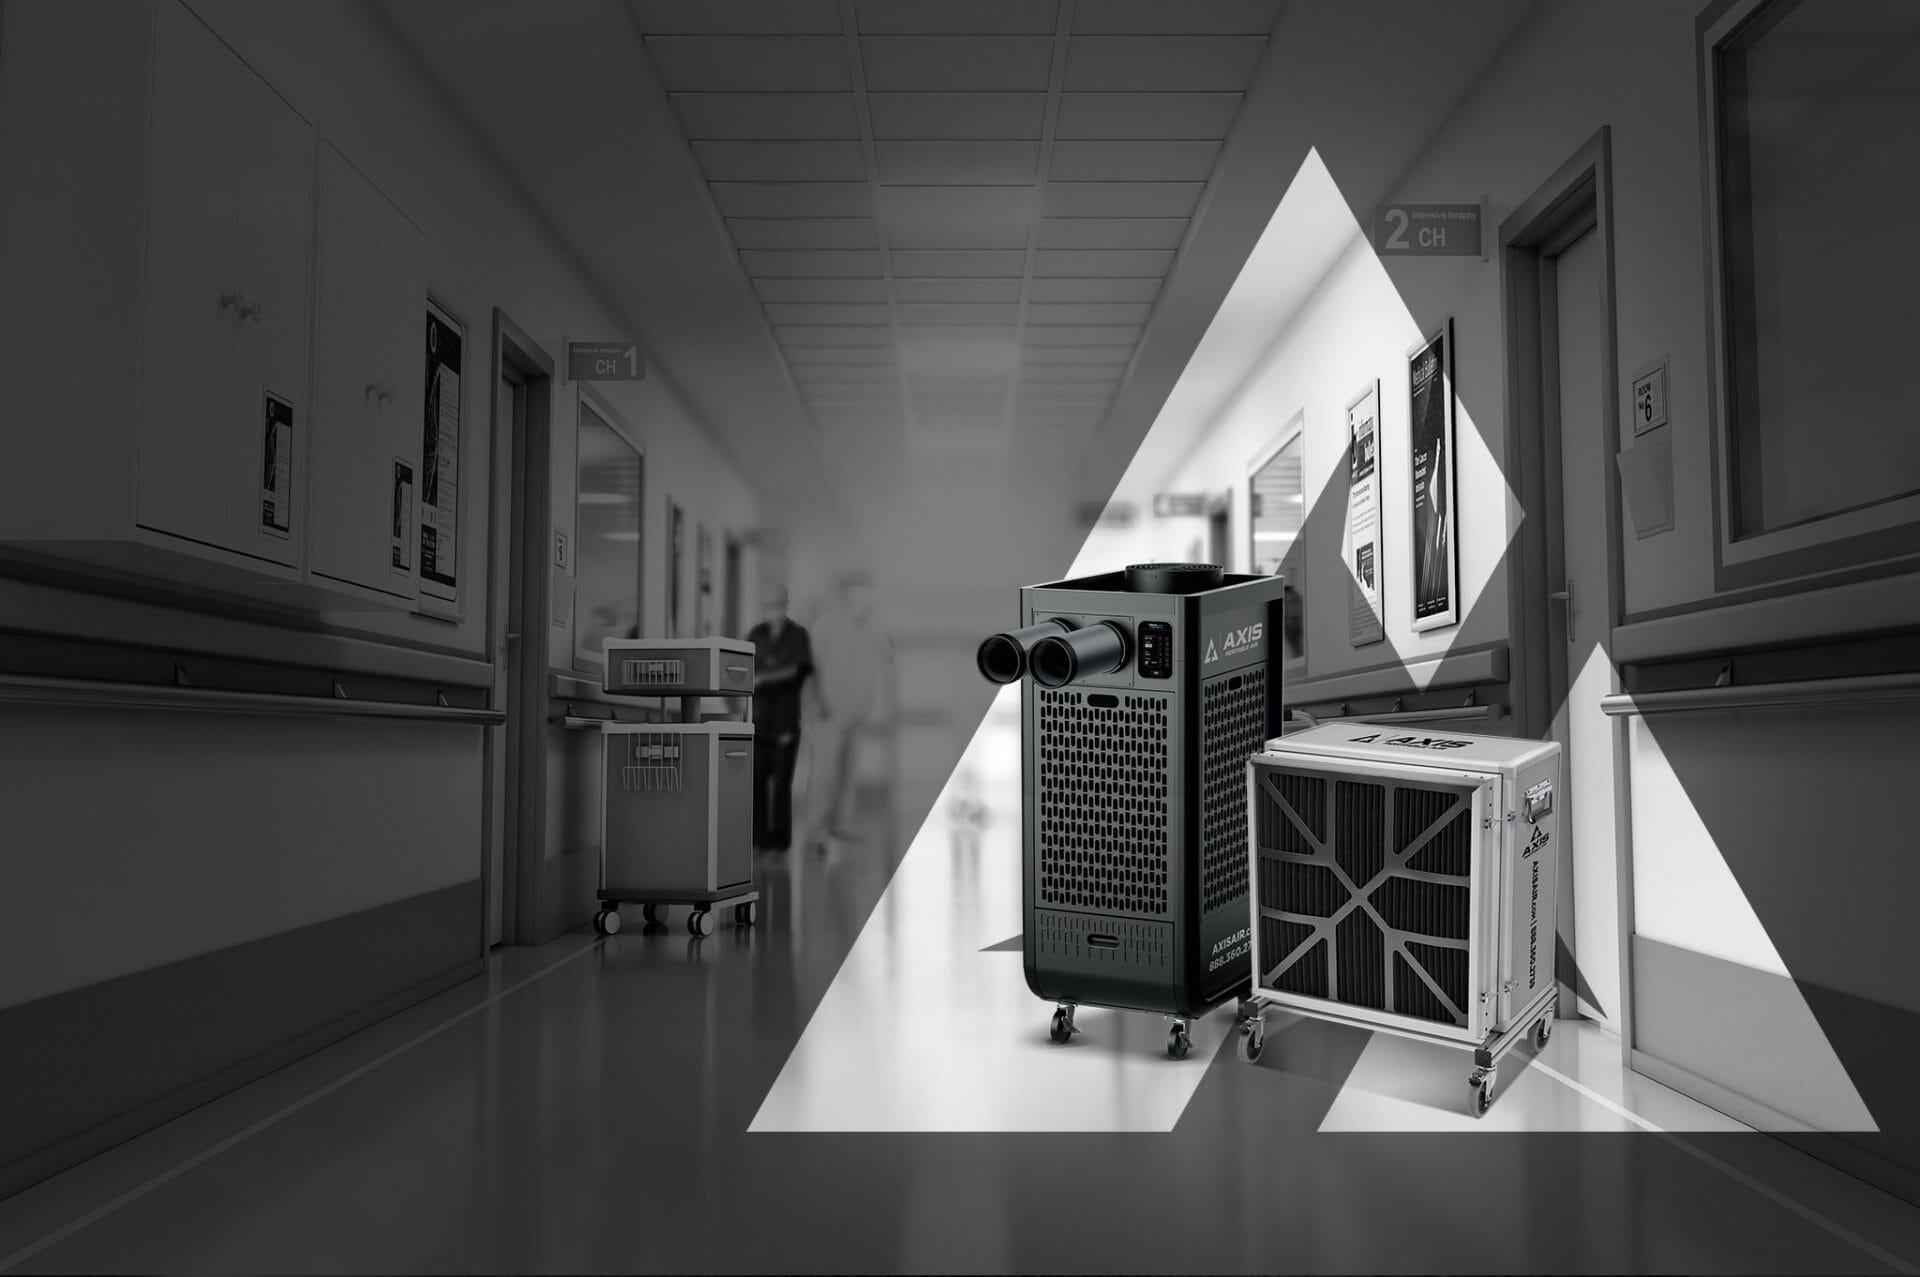 Axis Portable Air healthcare